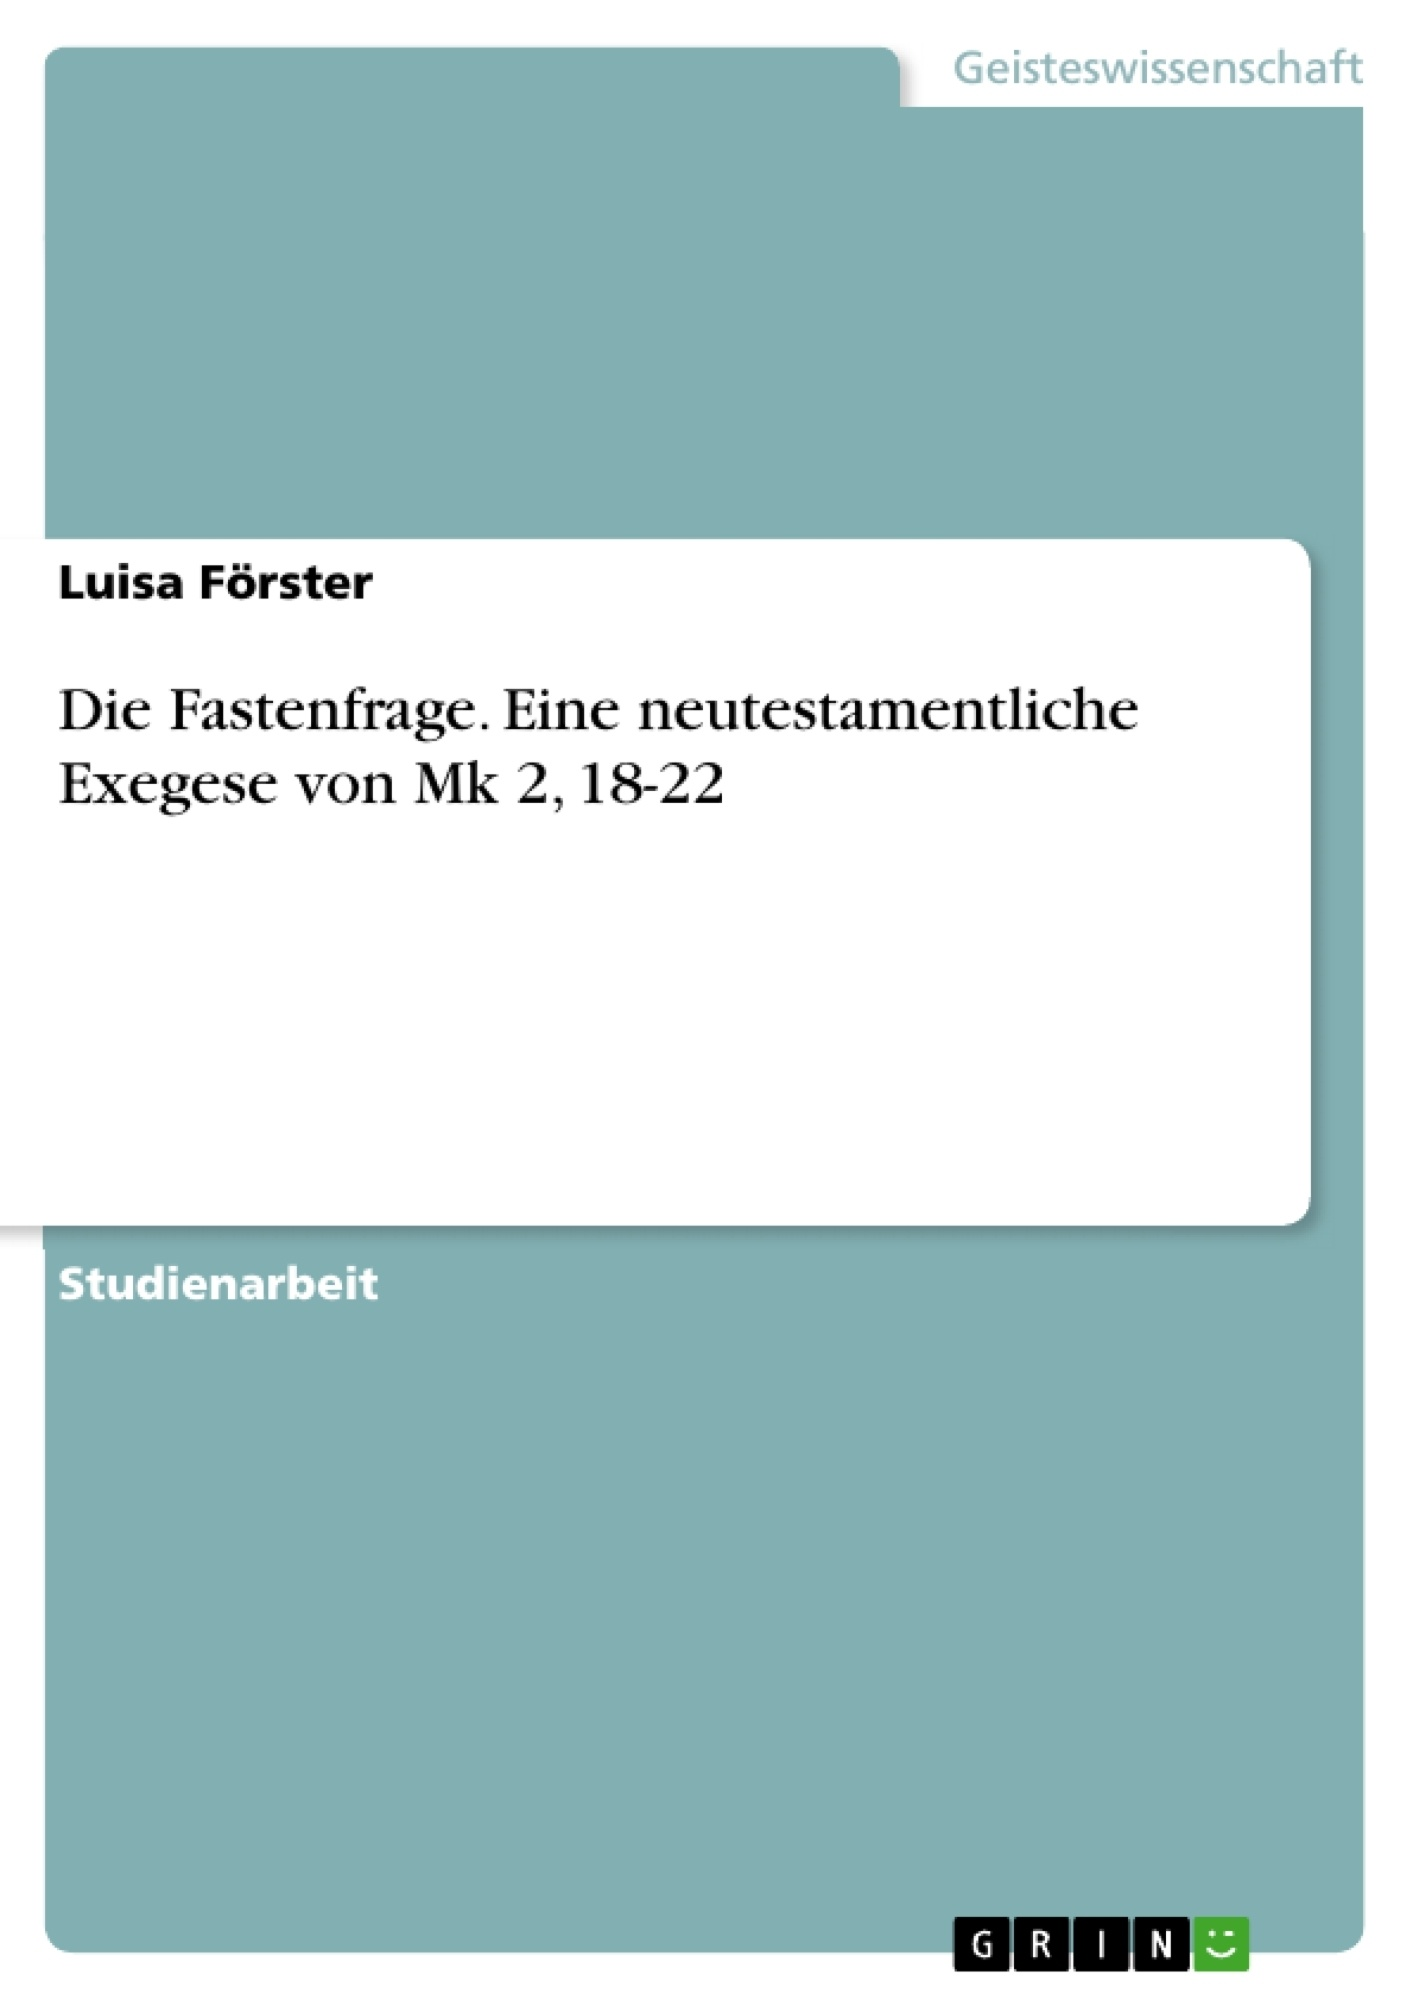 Titel: Die Fastenfrage. Eine neutestamentliche Exegese von Mk 2, 18-22